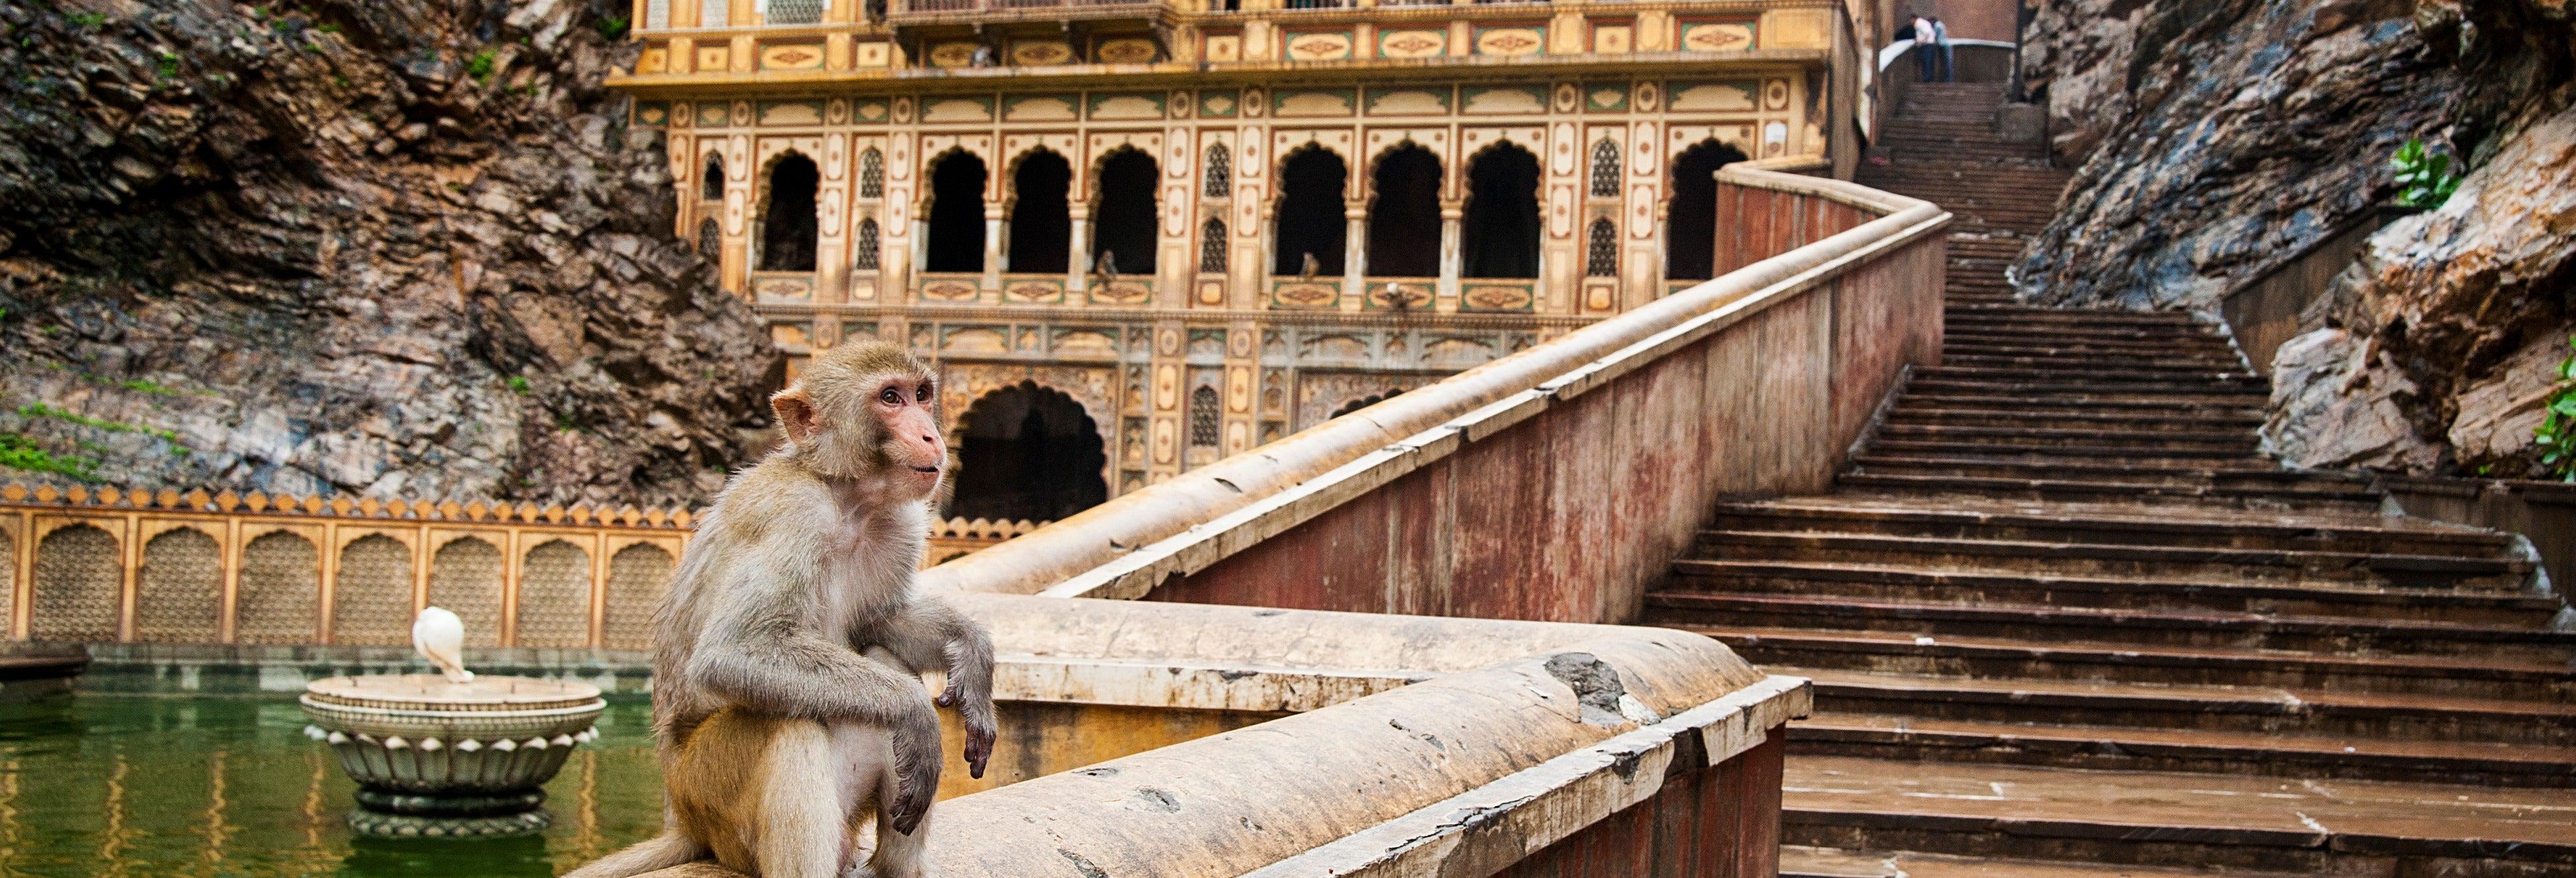 Excursión a Jaipur